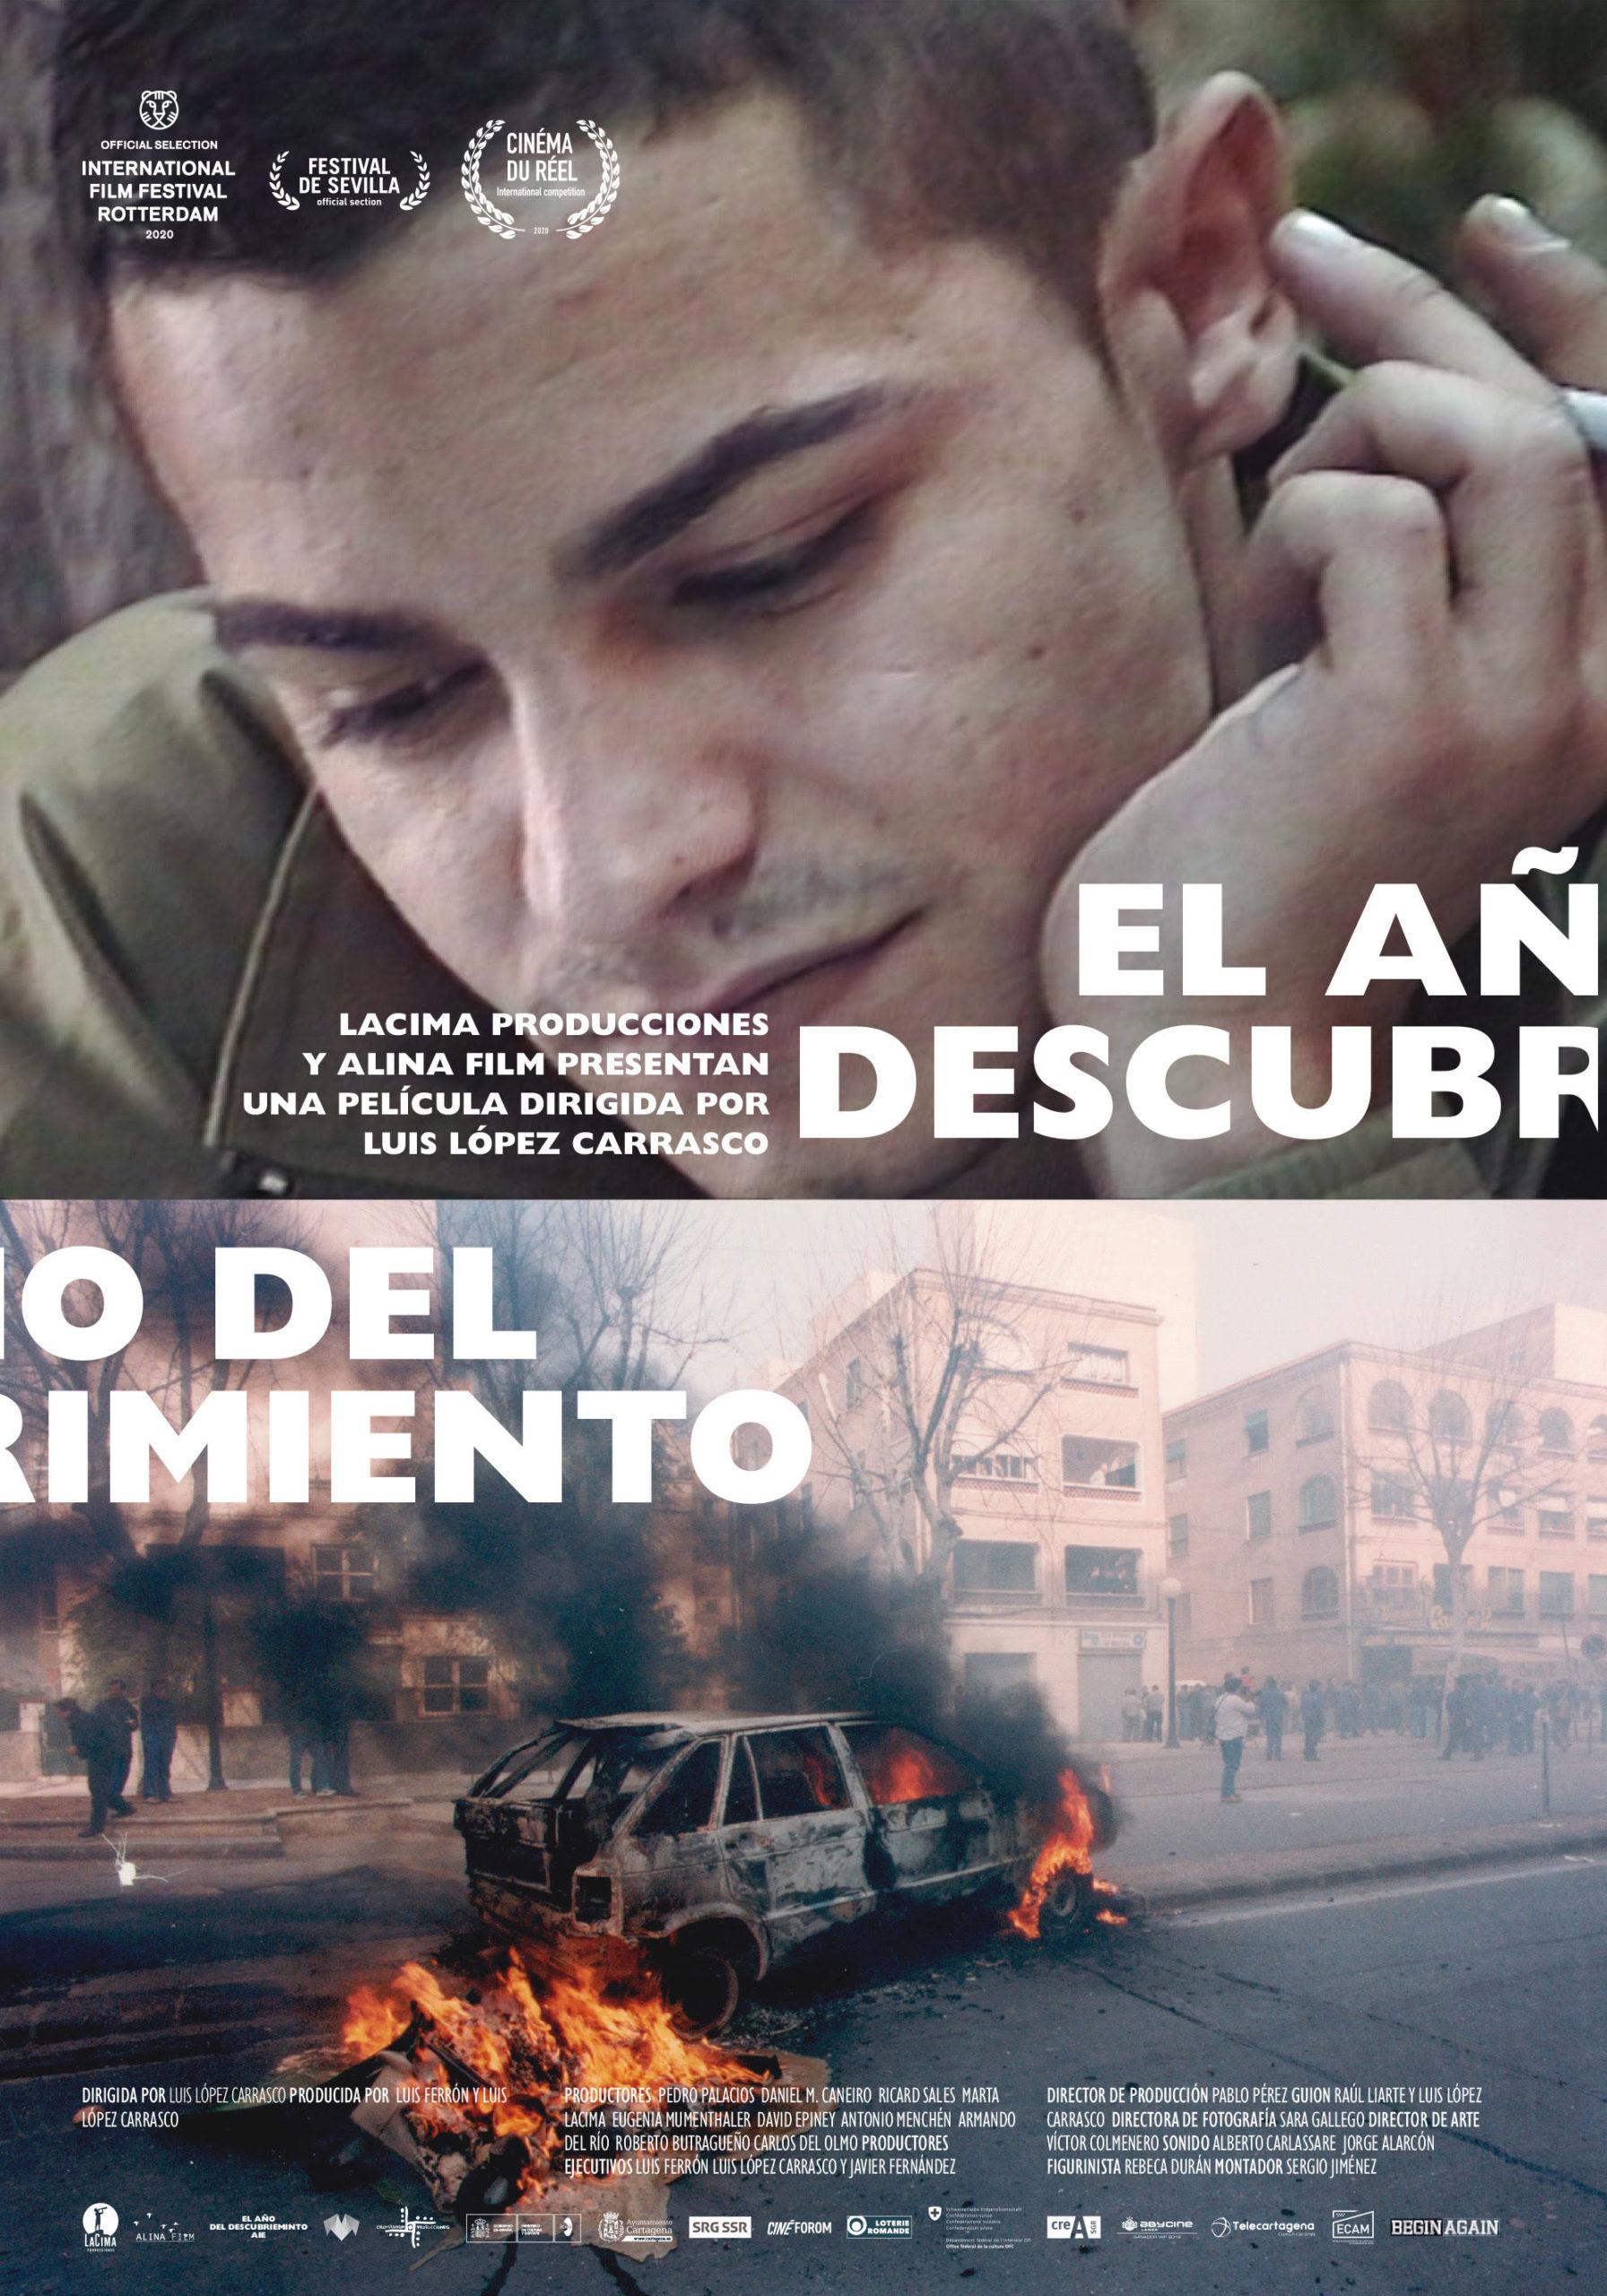 El Festival de Cine de Sevilla anuncia la primera película de la Sección Oficial en su 17 edición